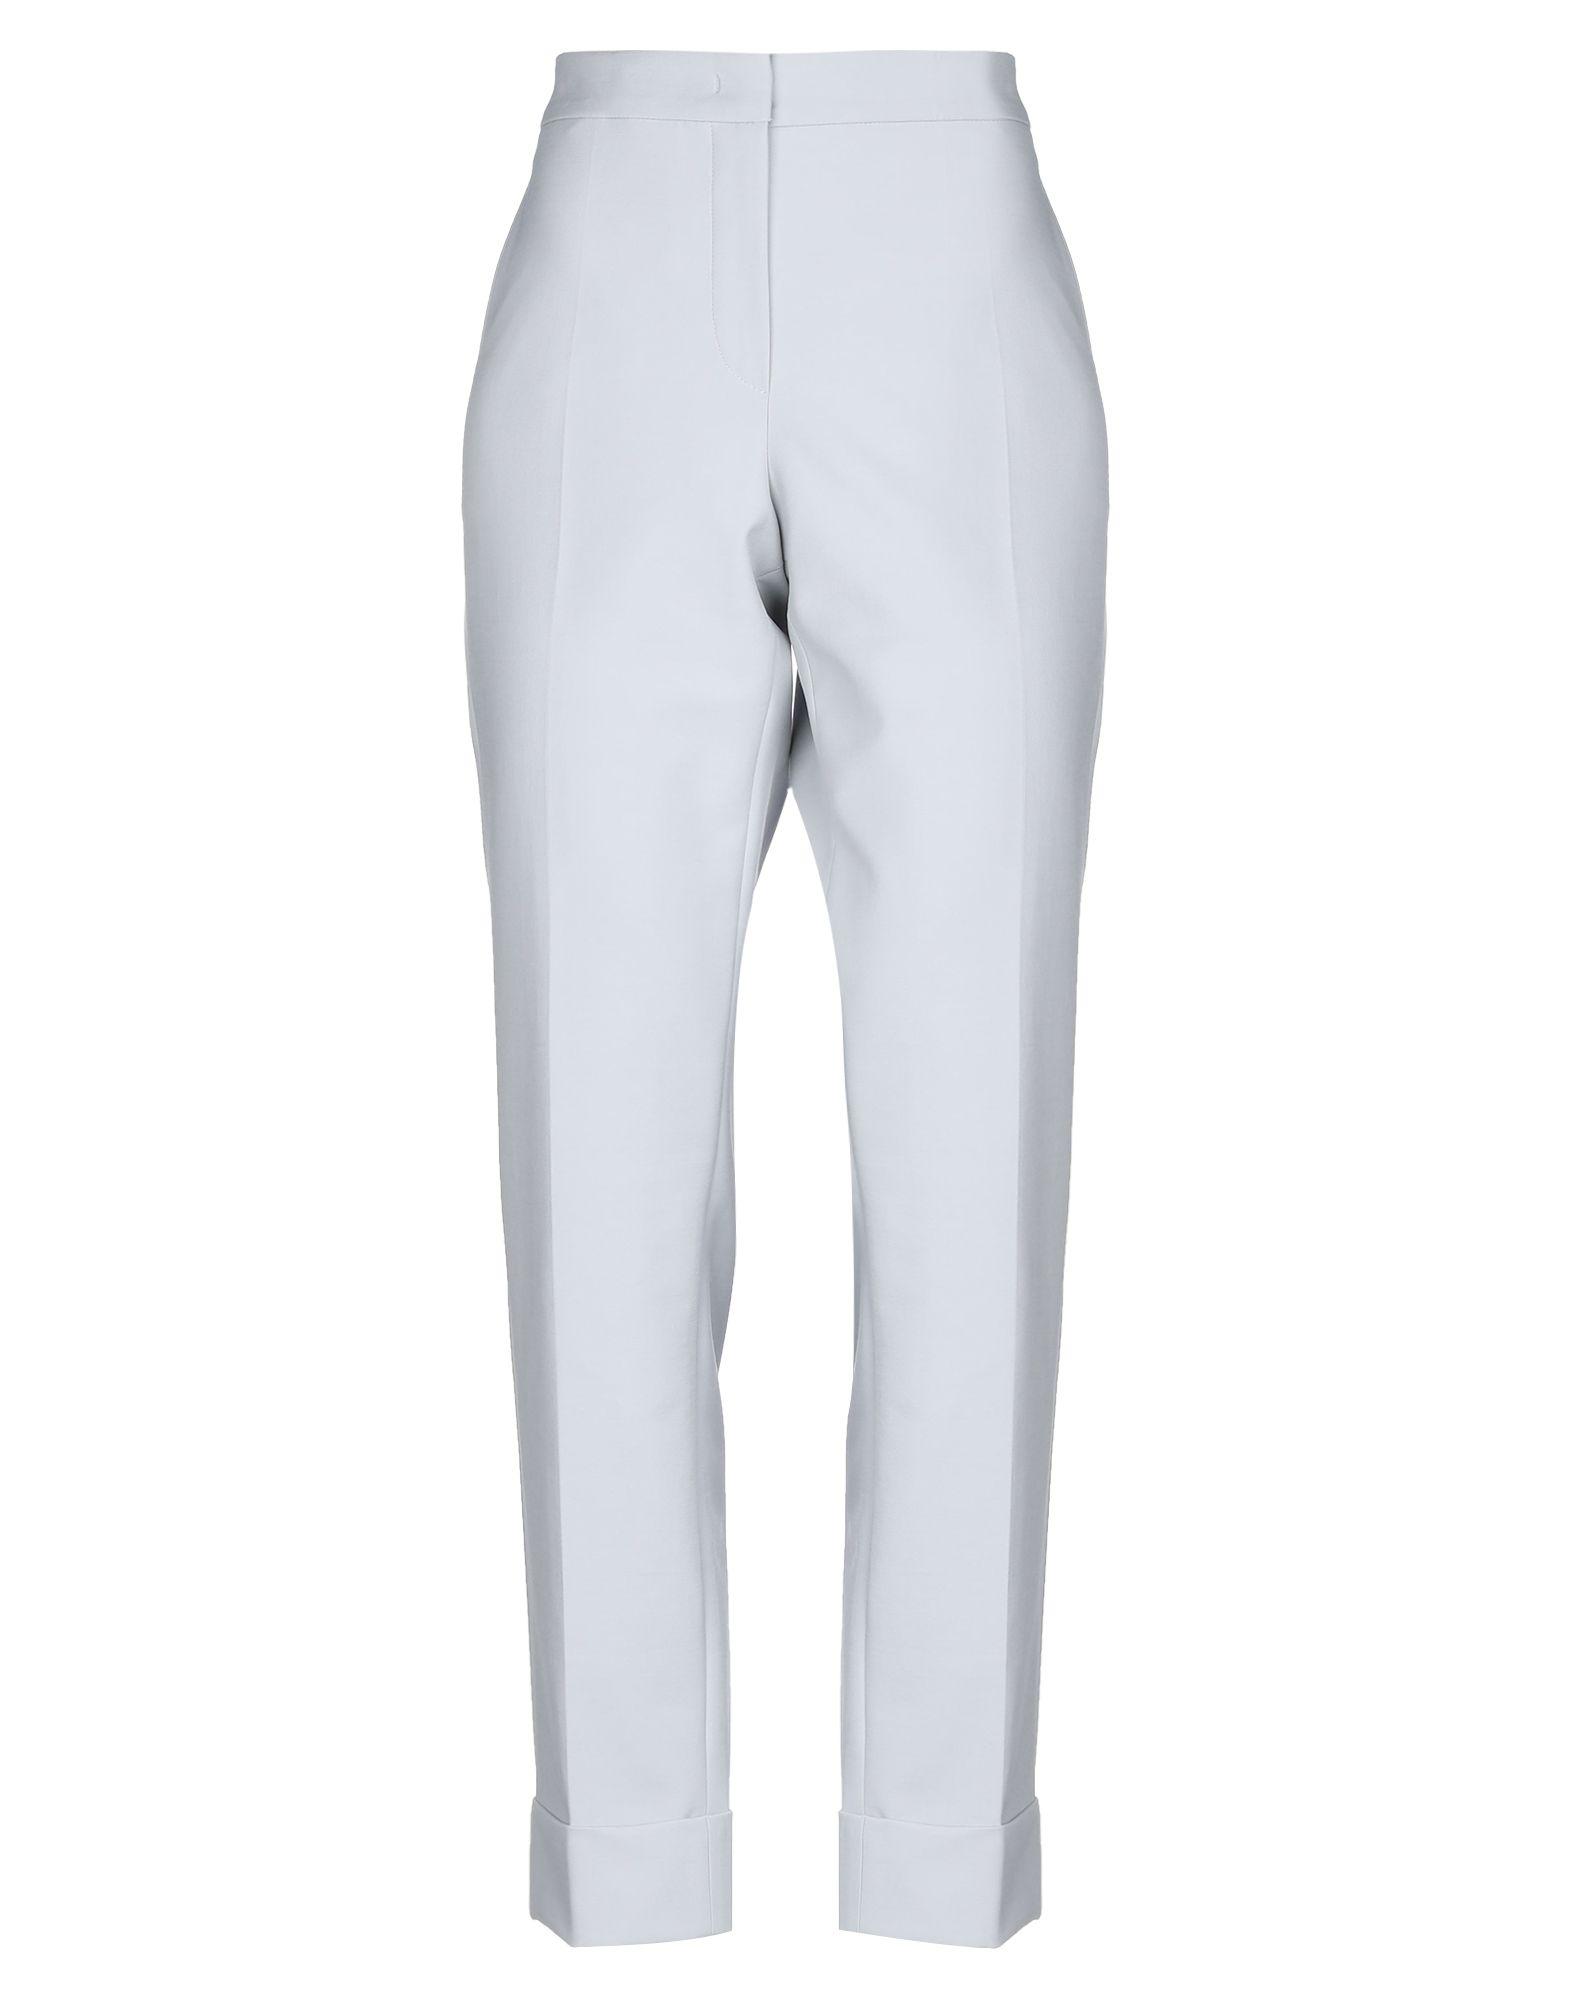 Pantalone Armani Collezioni damen - 13362307IT